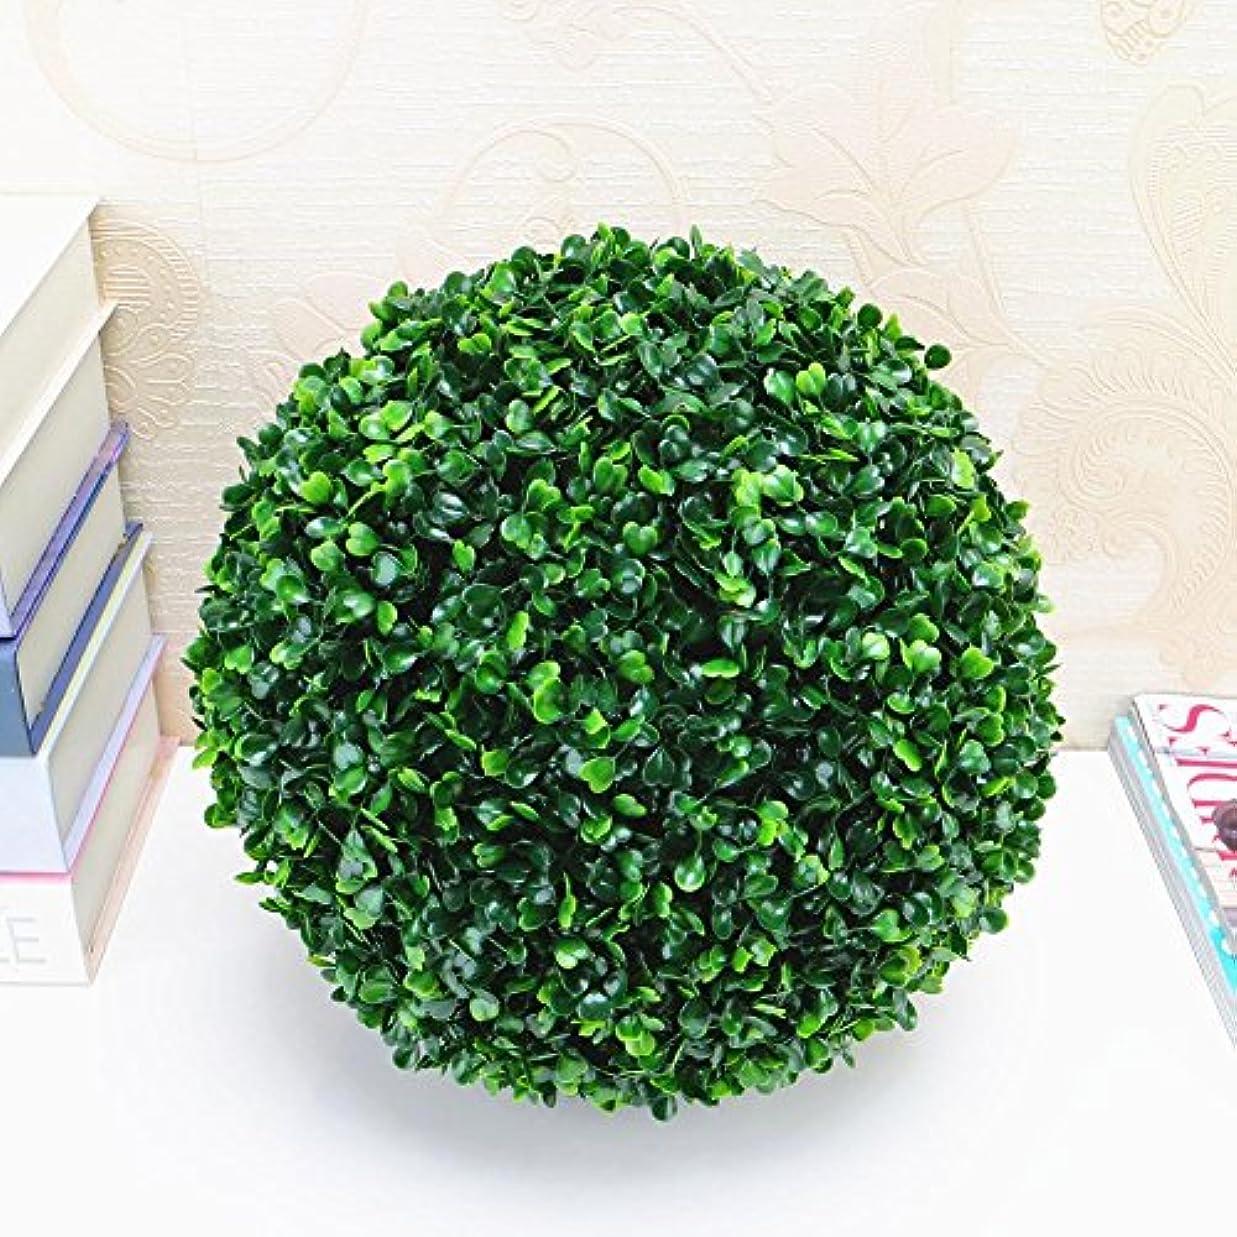 振る舞う似ているじゃないJicorzo - 1 PCのシミュレートプラスチックままボール人工芝ボールホームパーティー結婚式の装飾[20センチメートル]